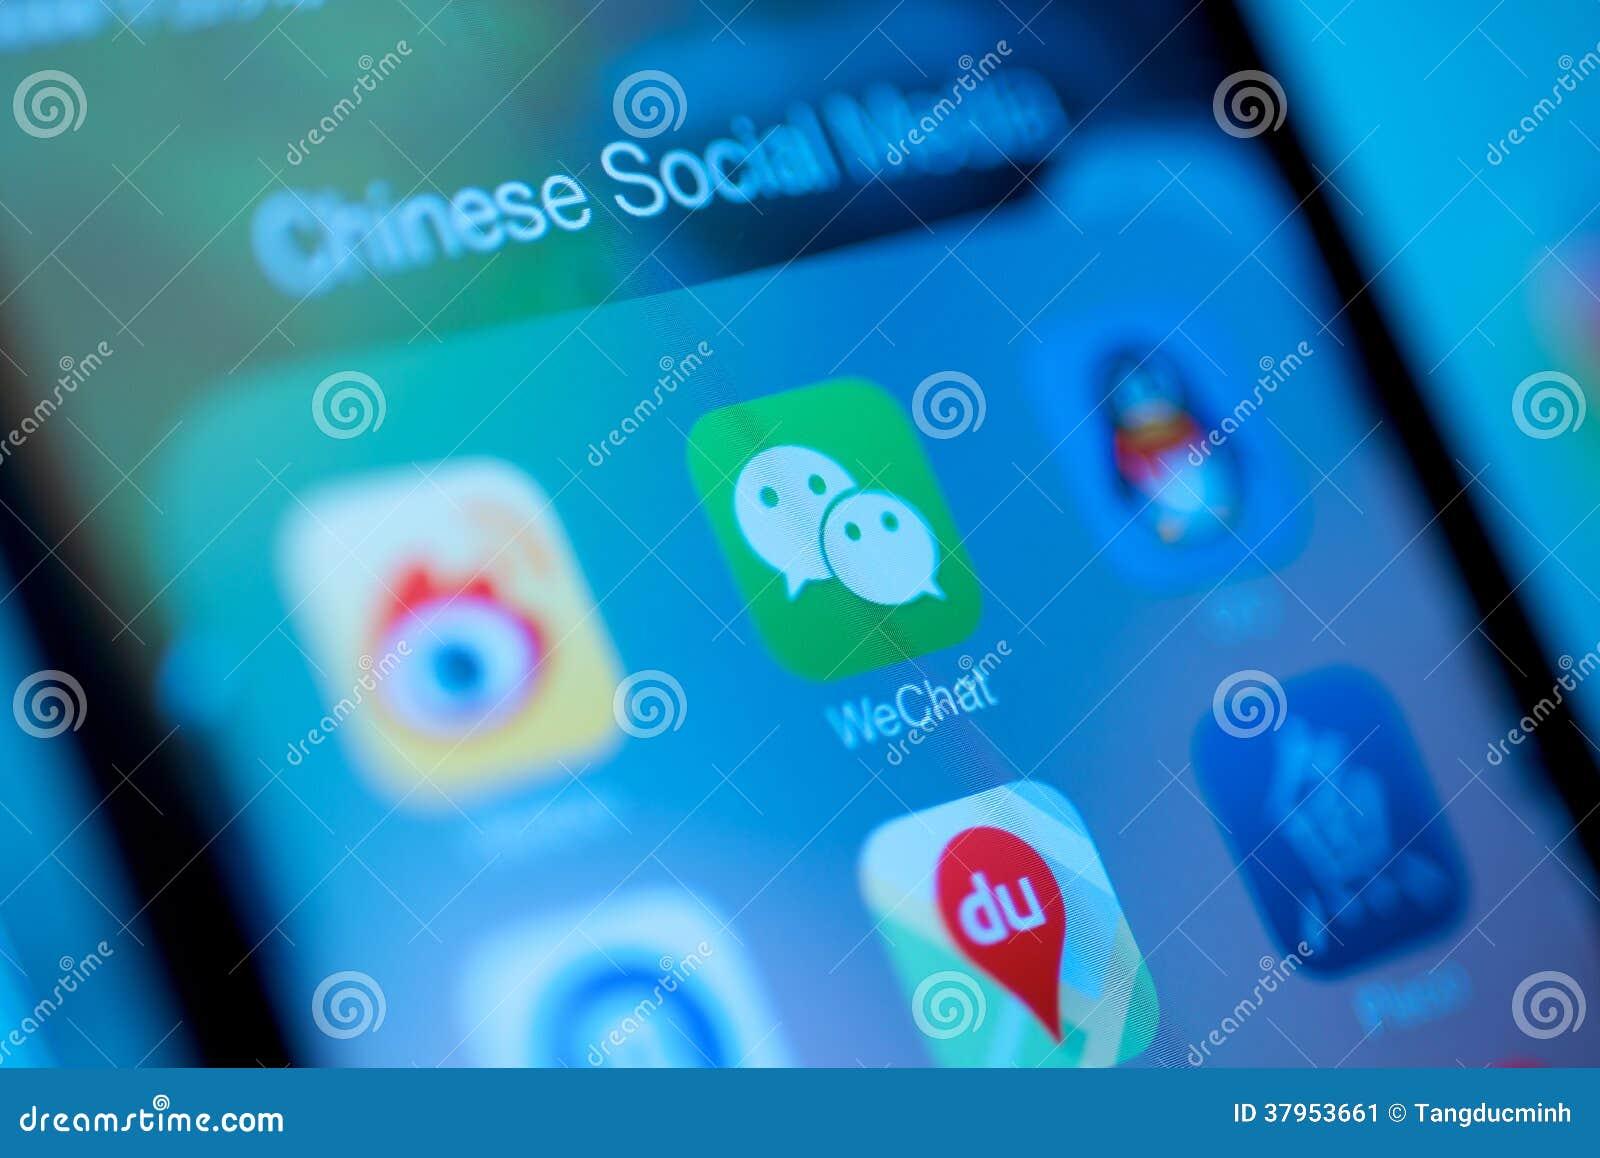 De Chinese Sociale Media van WeChat